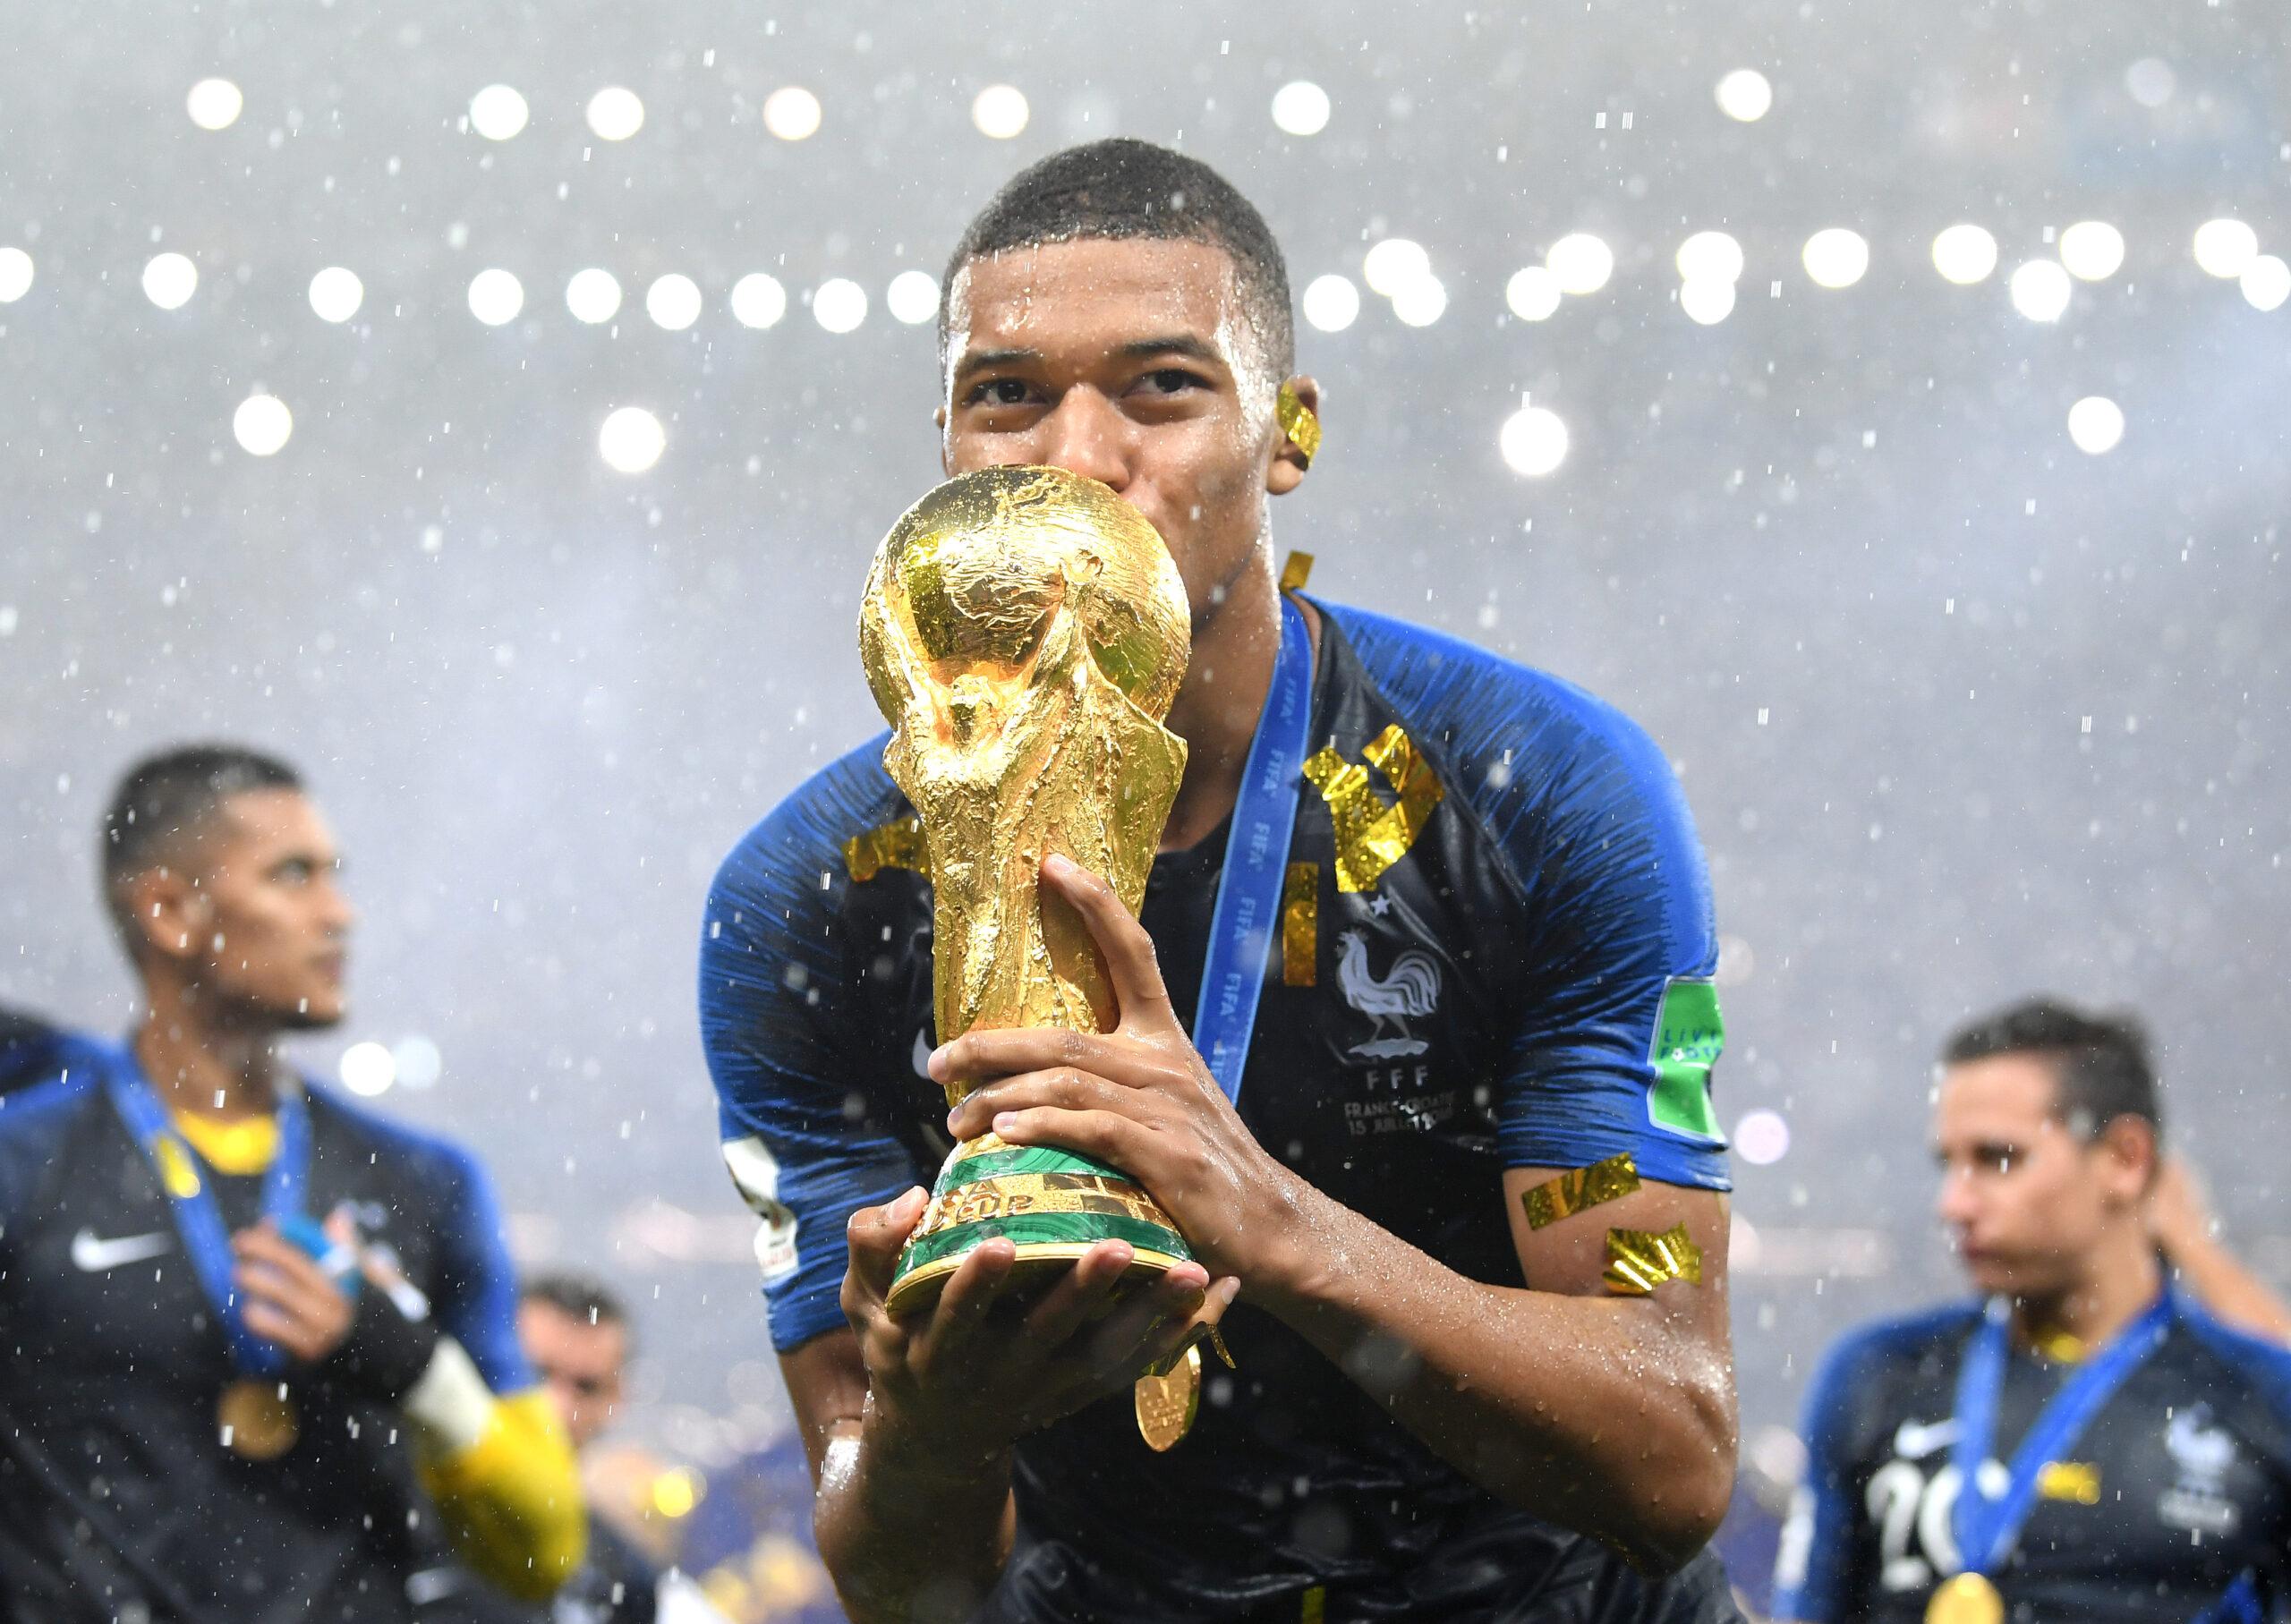 שמות גדולים וחוזים חזקים - סוד ההצלחה של FIFA